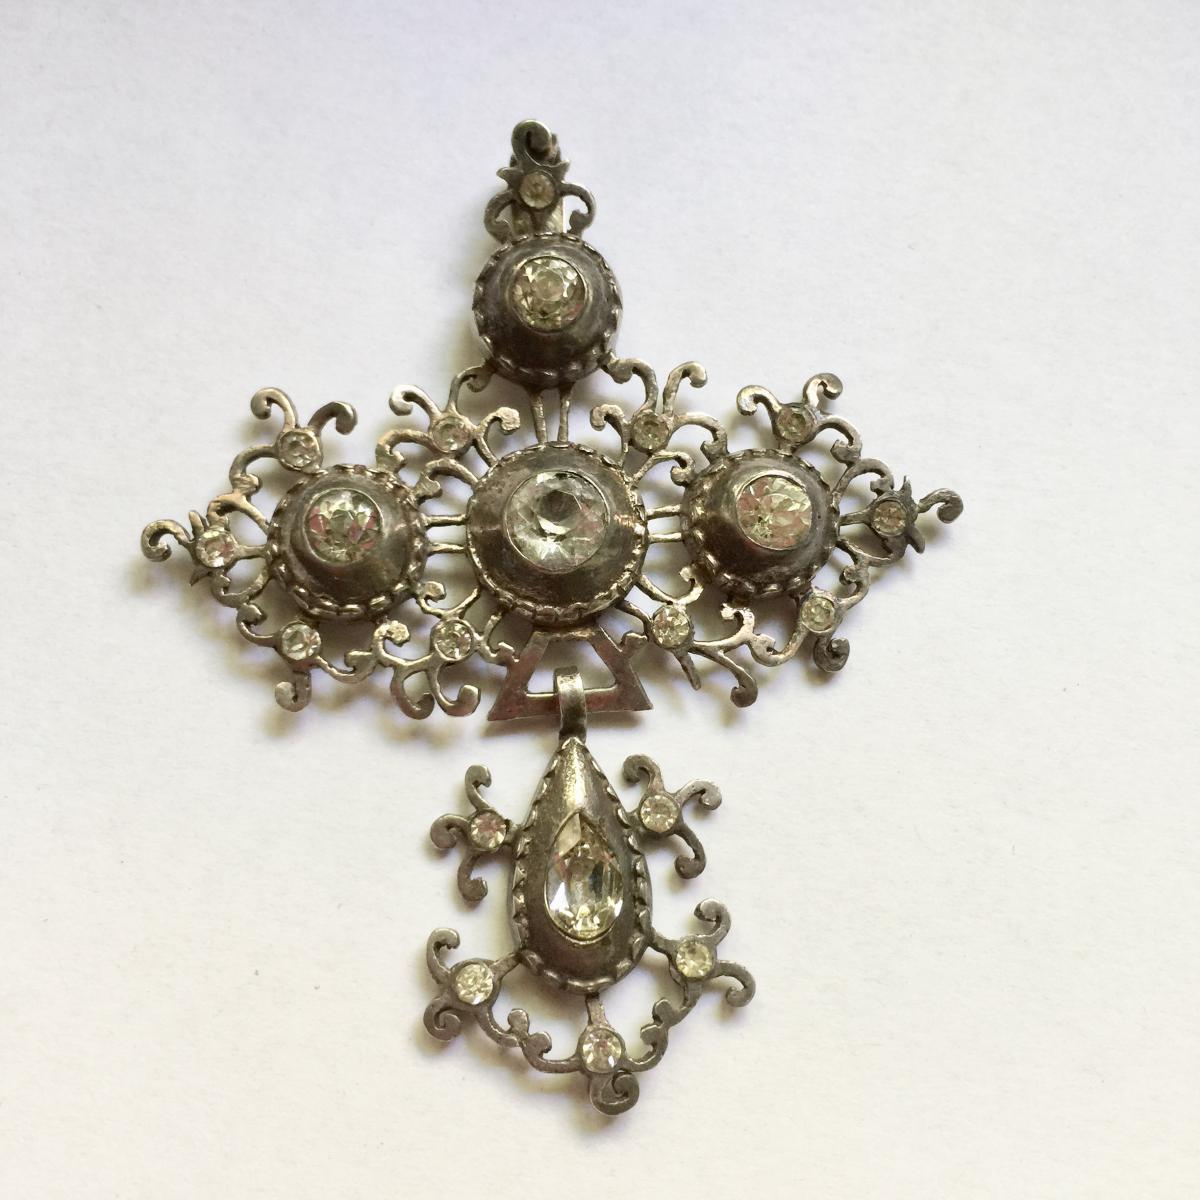 Croix de St Lô - Ancien Bijou Régional de Normandie - Art Populaire XIXème